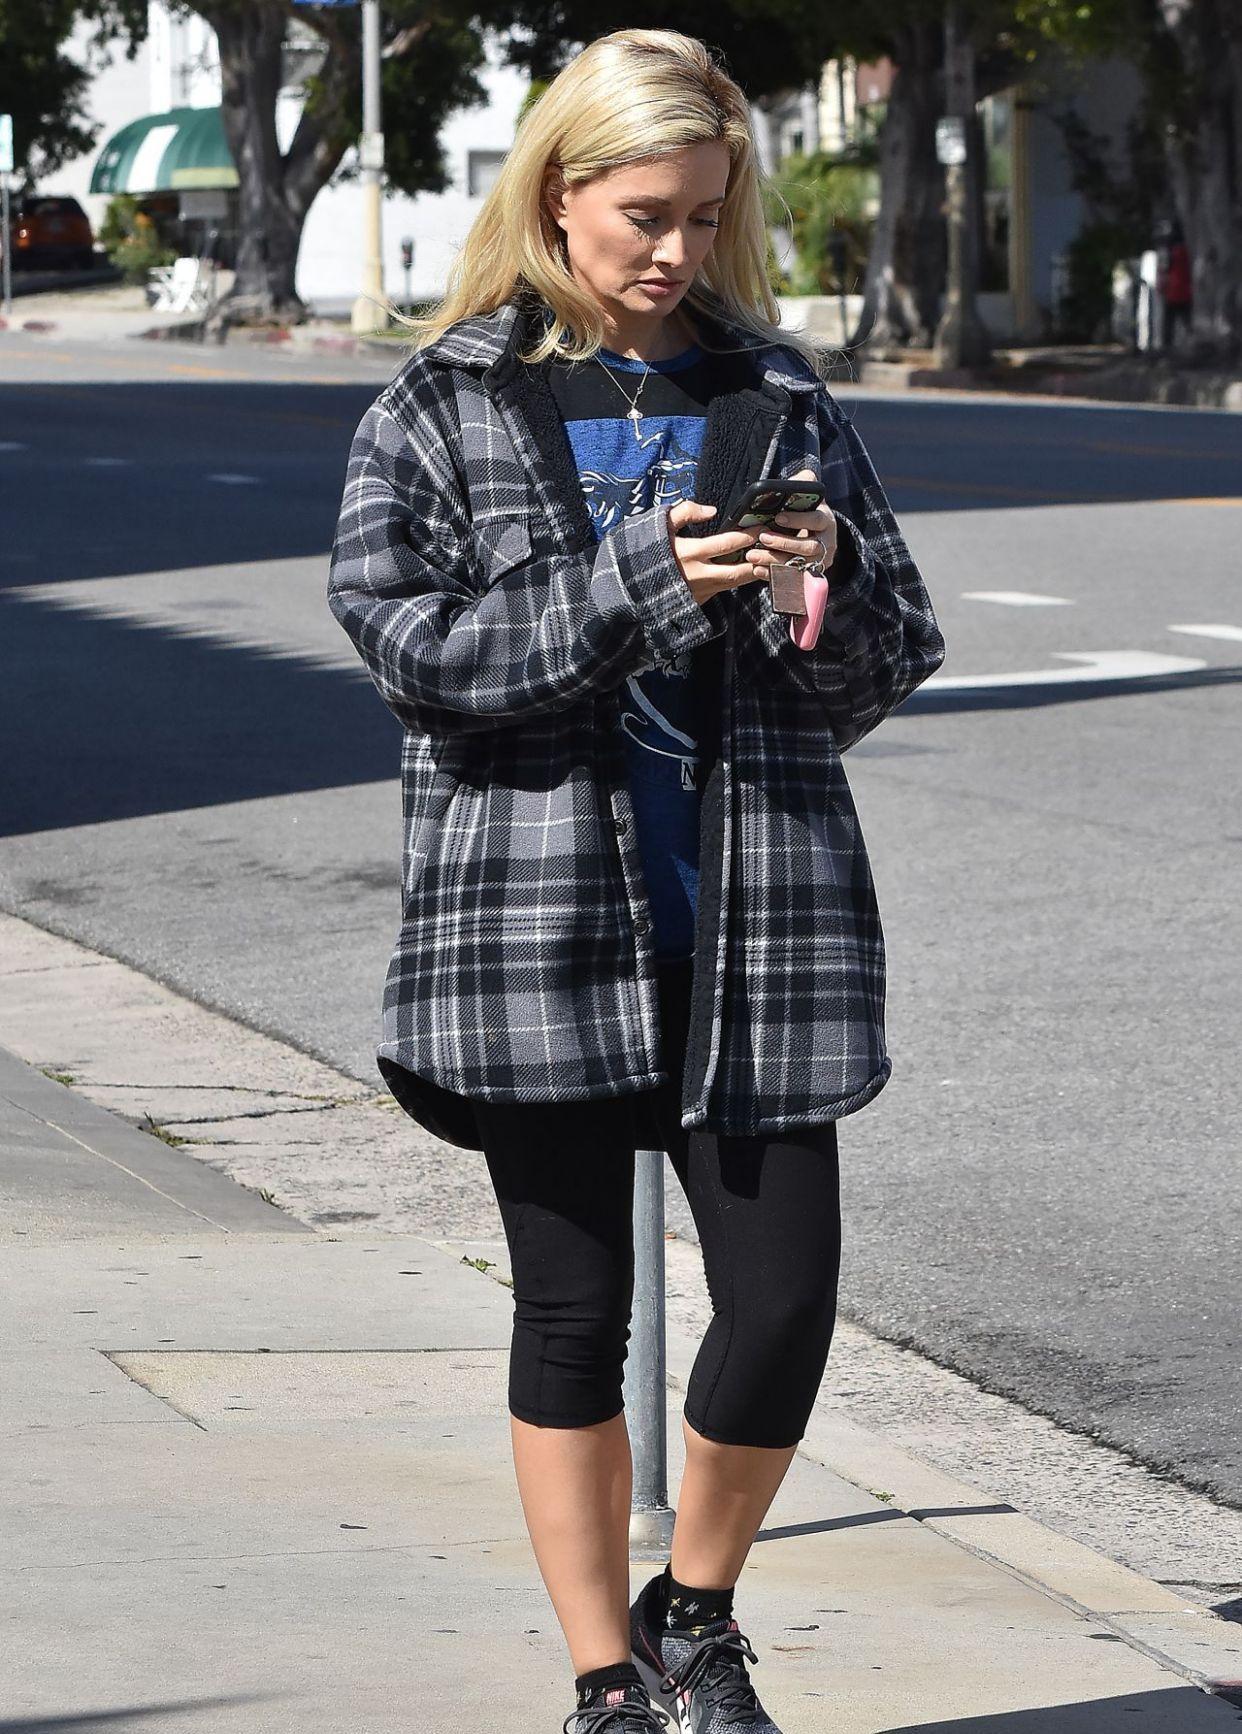 近日,欧美女星翰莉·麦迪荪holly madison穿上休闲服被街拍